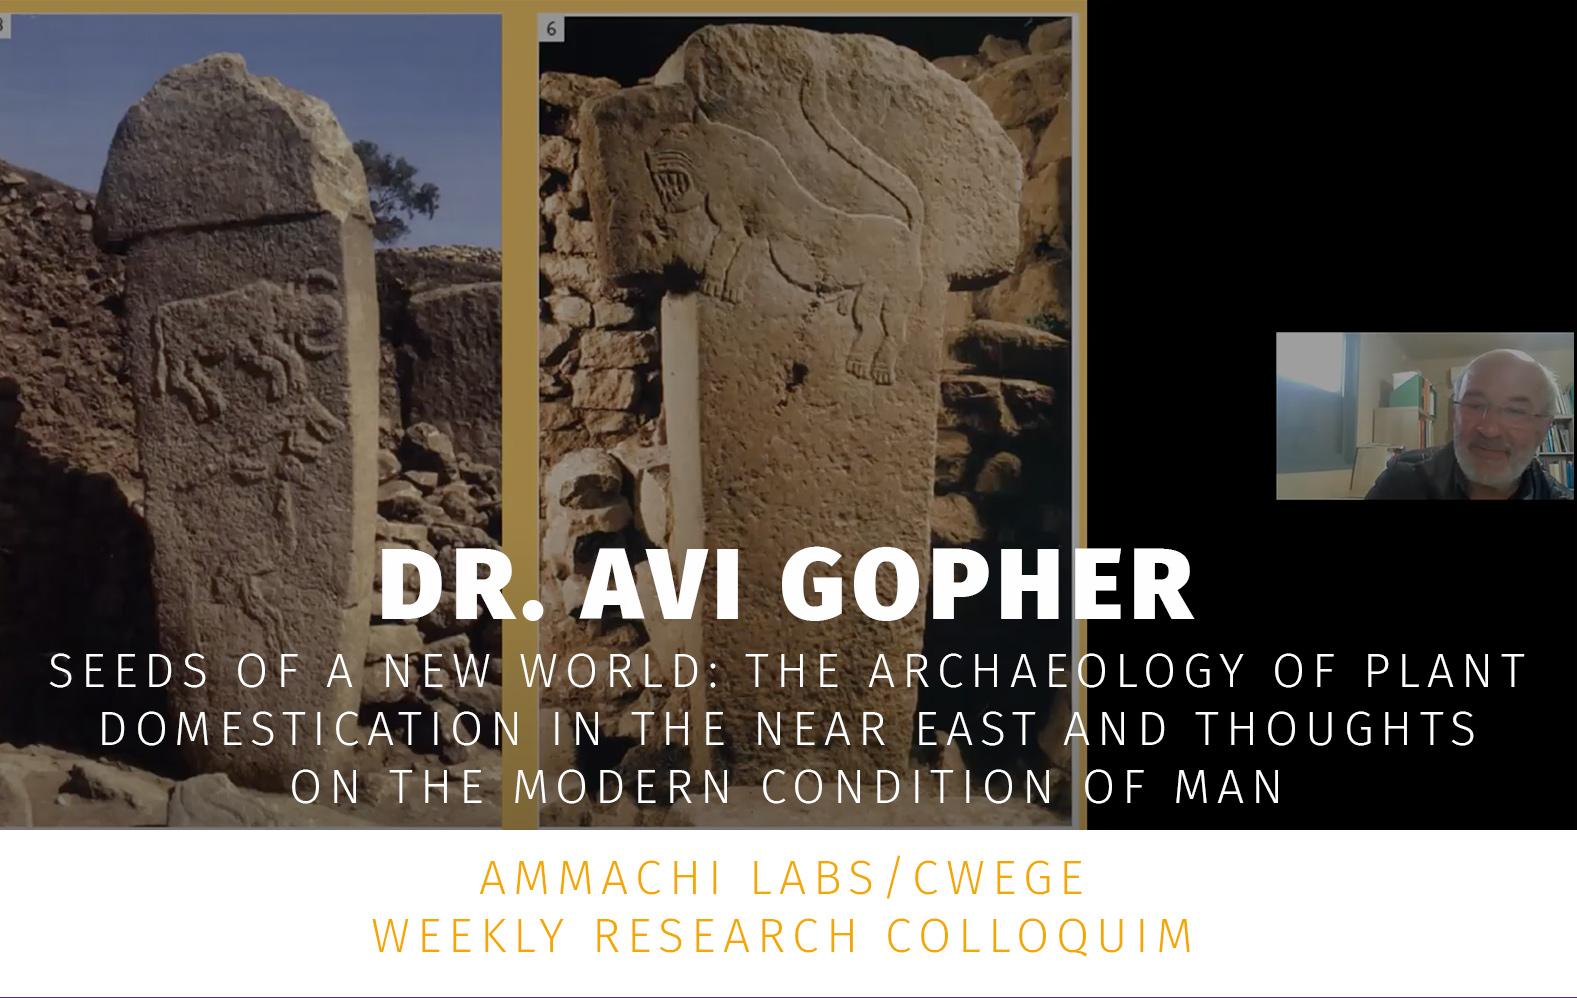 Dr. Avi Gopher